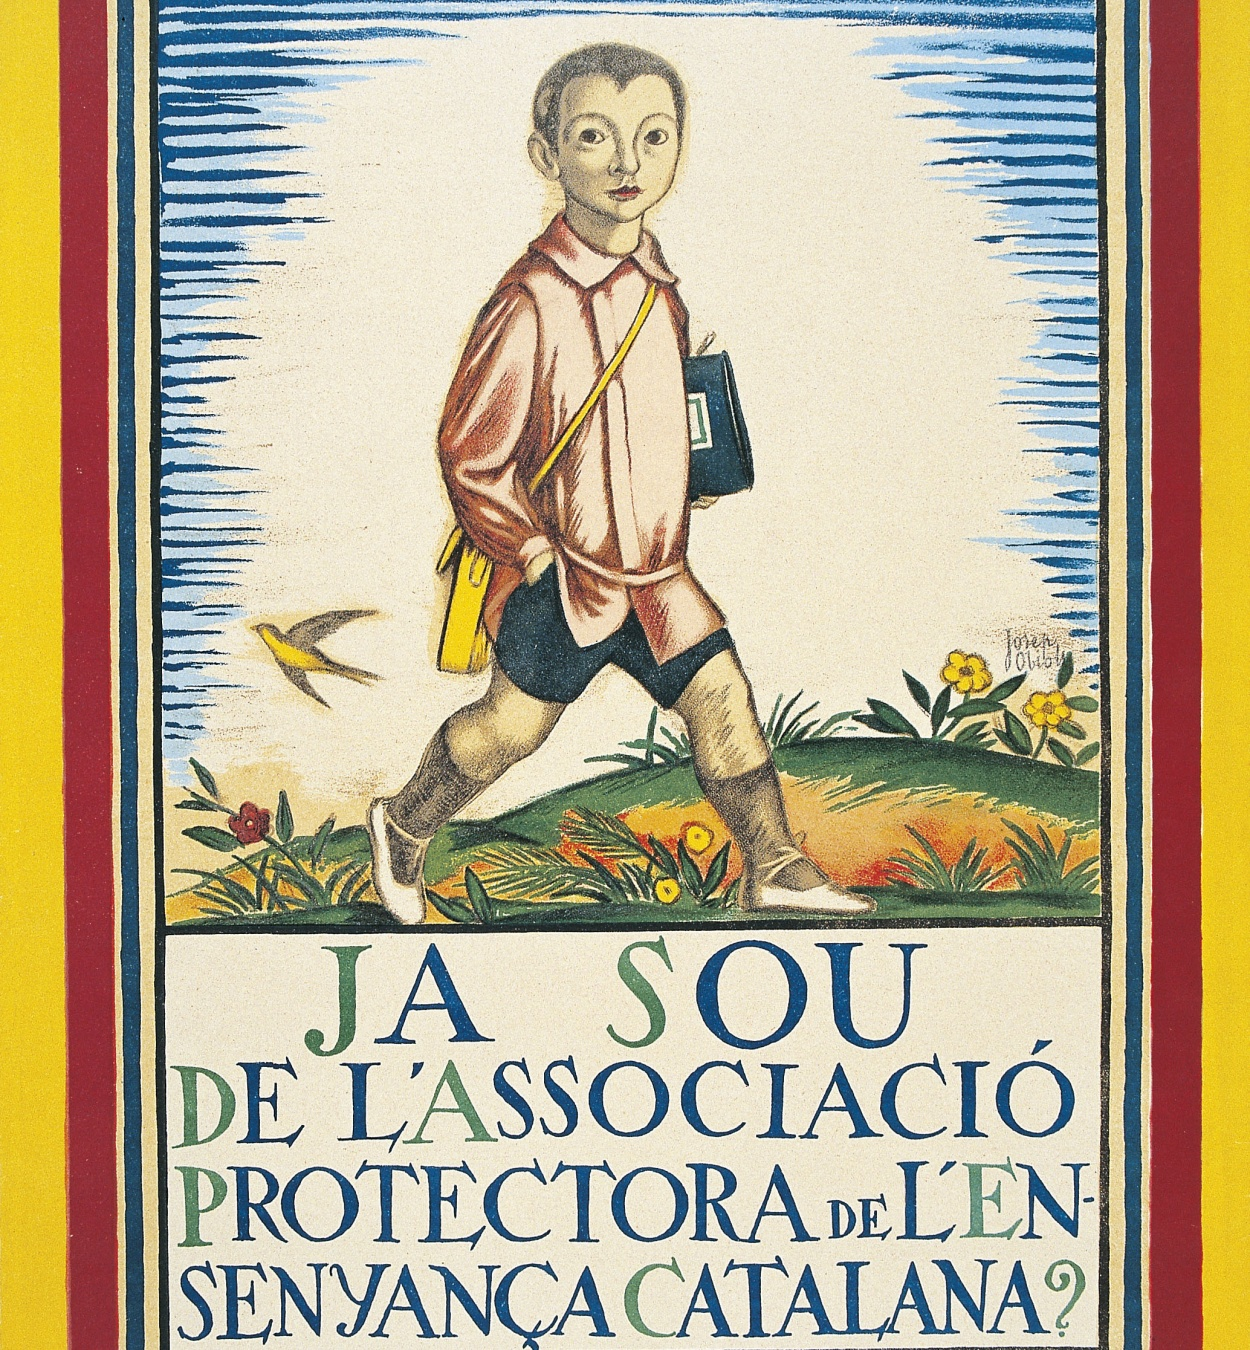 Josep Obiols - Ja sou de l'Associació Protectora de l'Ensenyança Catalana? - 1921